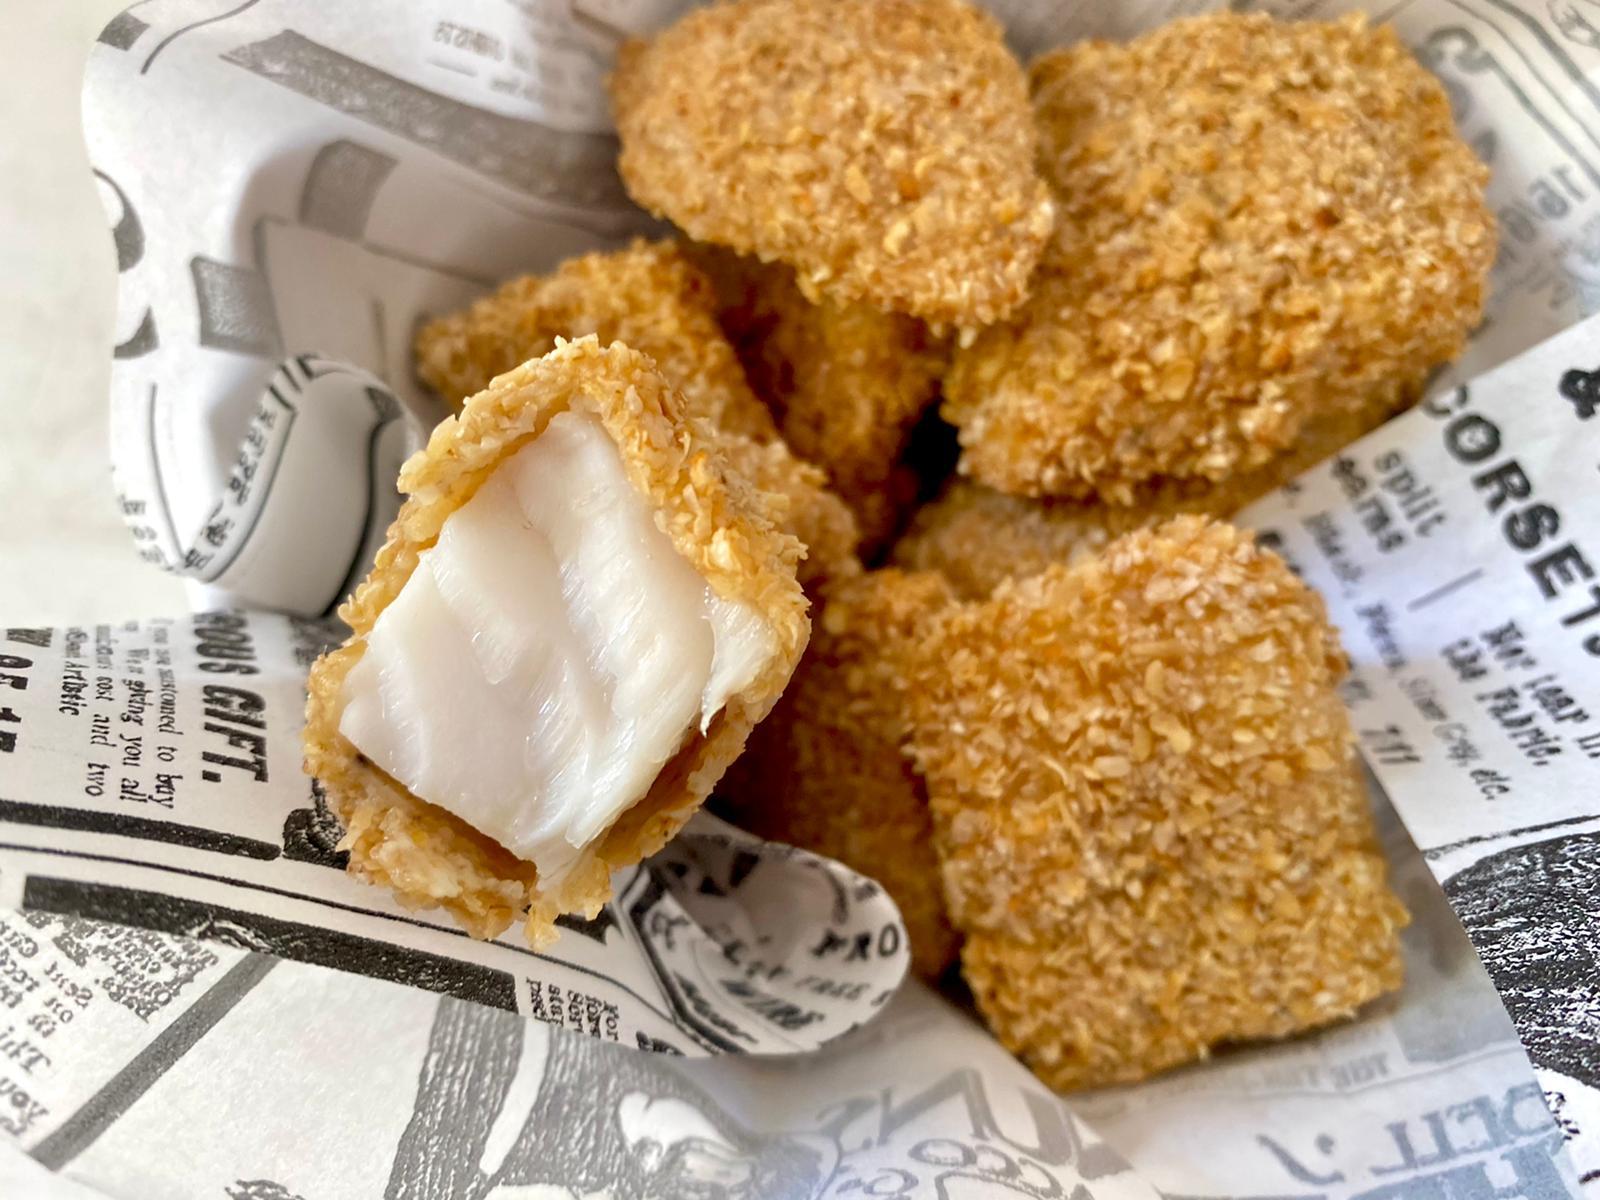 Nuggets de merluza rebozados con salvado de avena